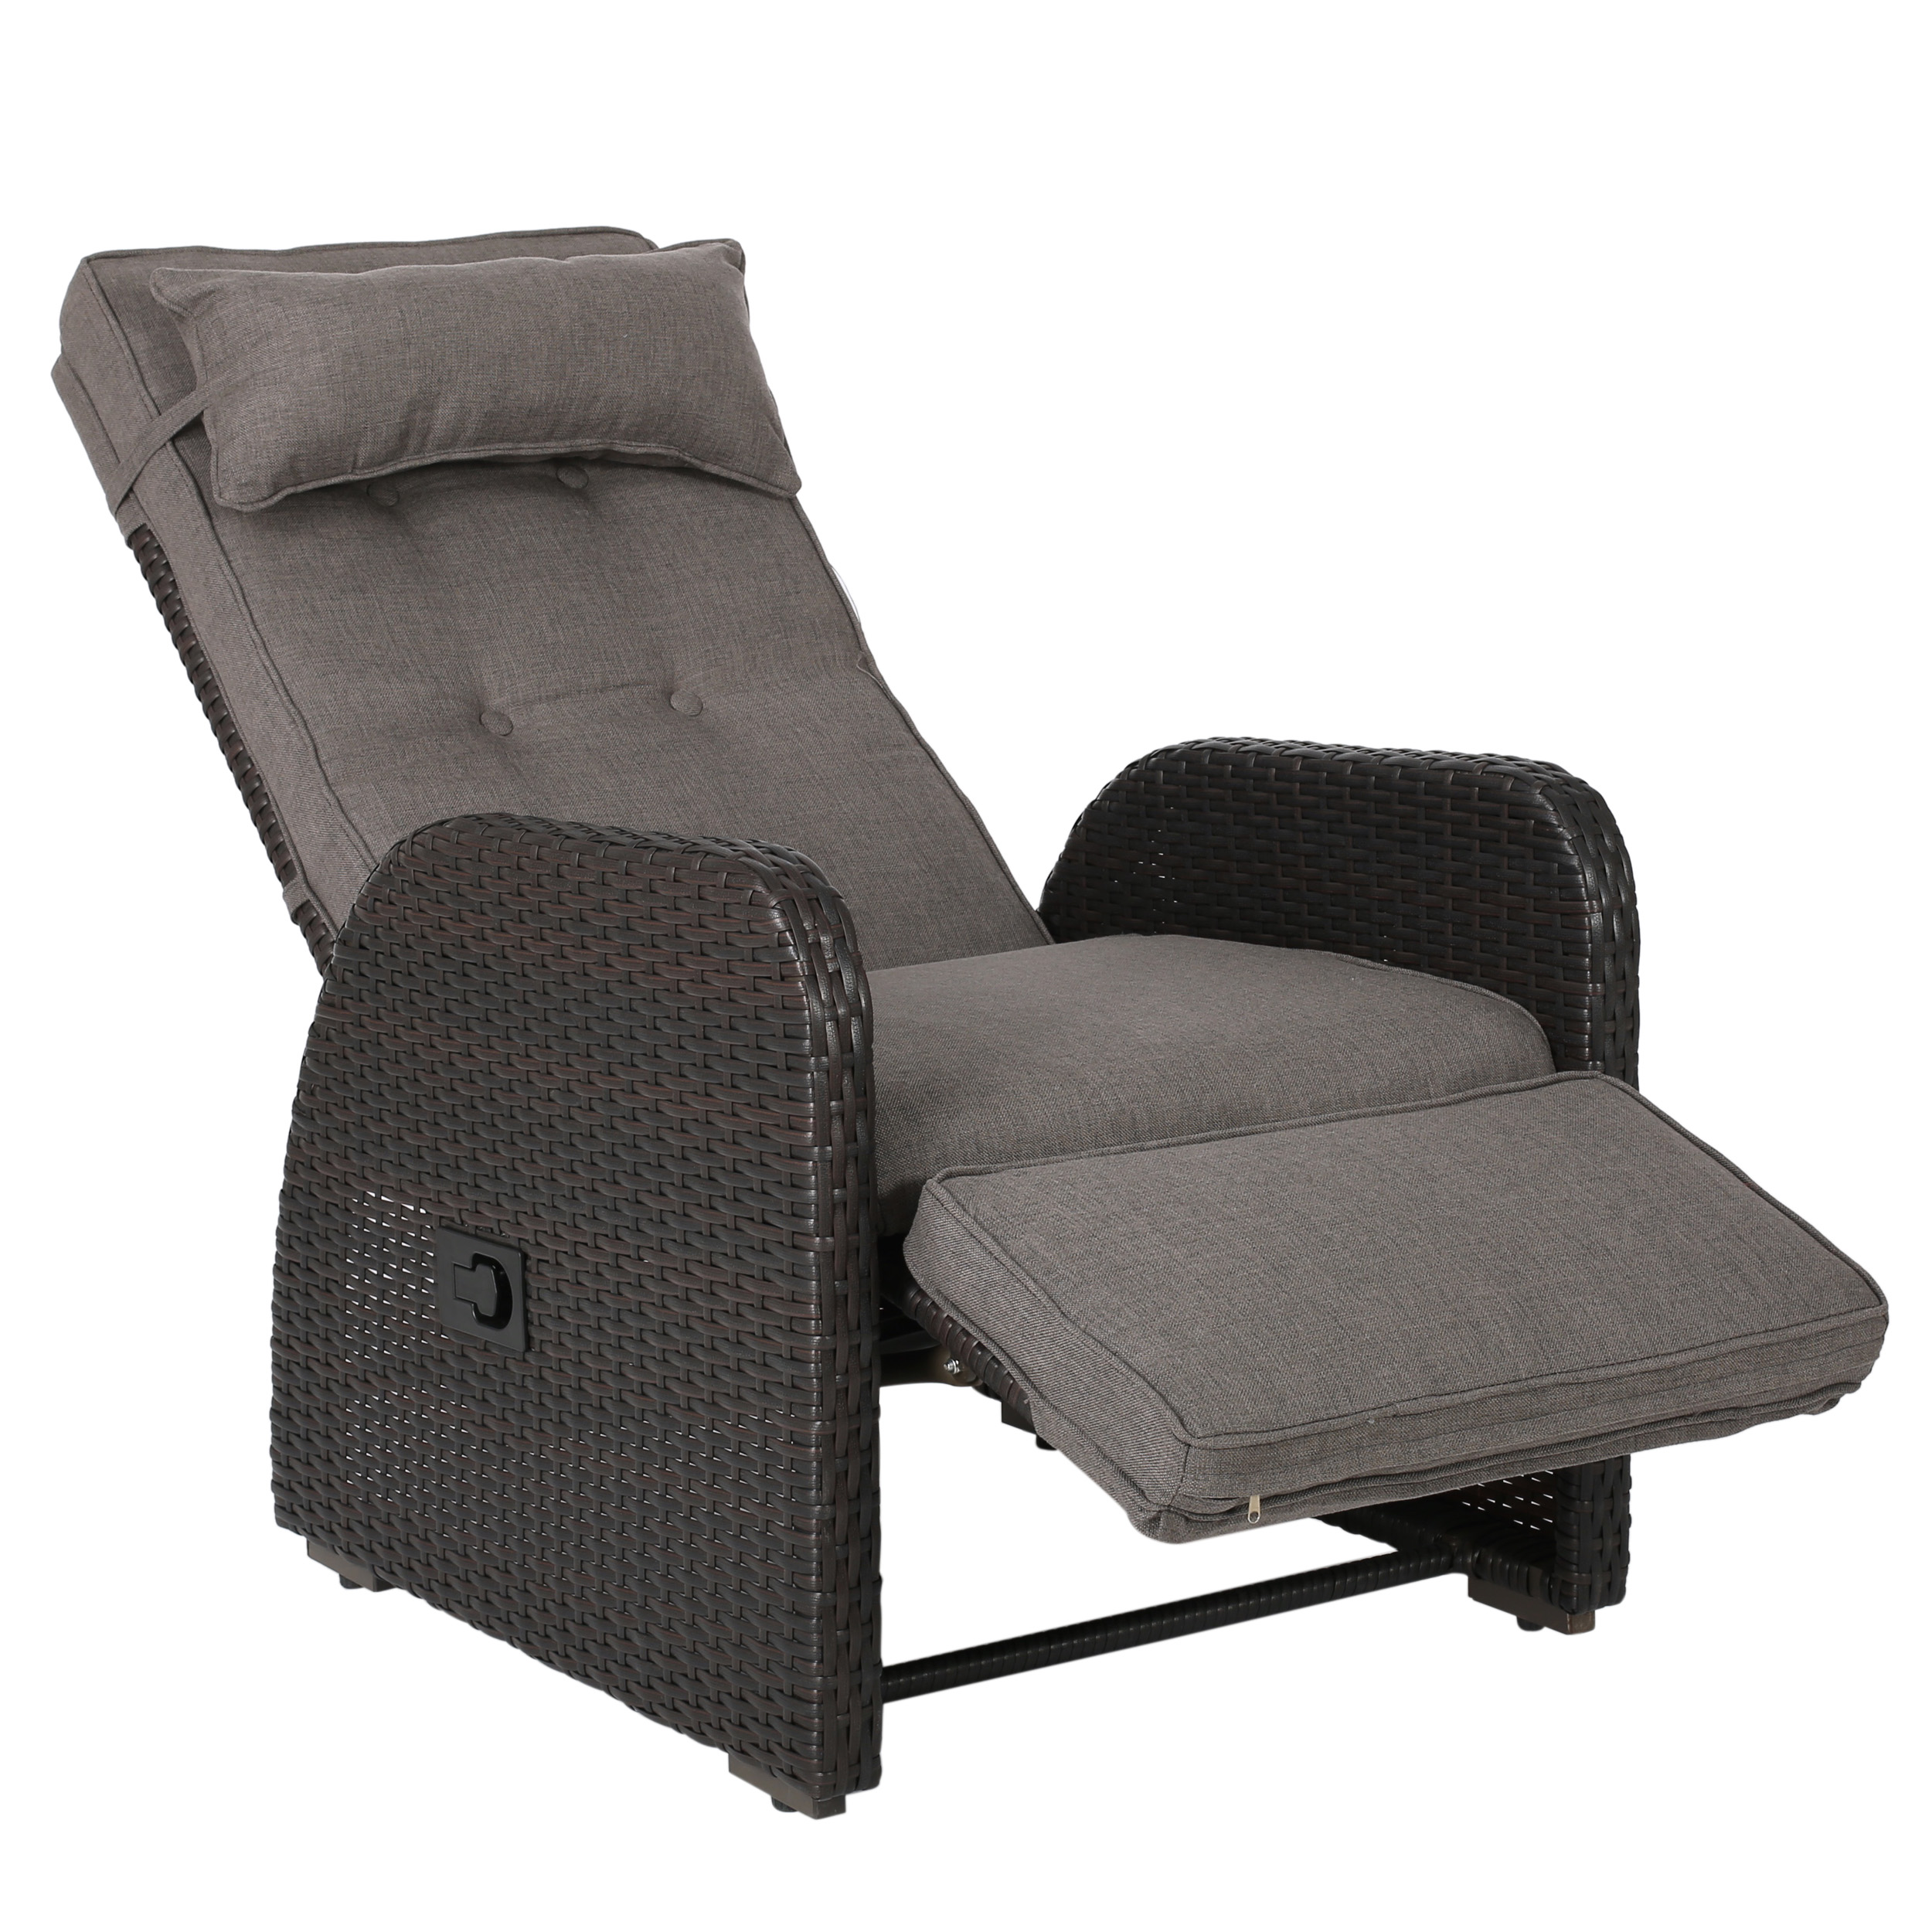 la pelonne outdoor recliner w/ cushion, brown PUVUUPL